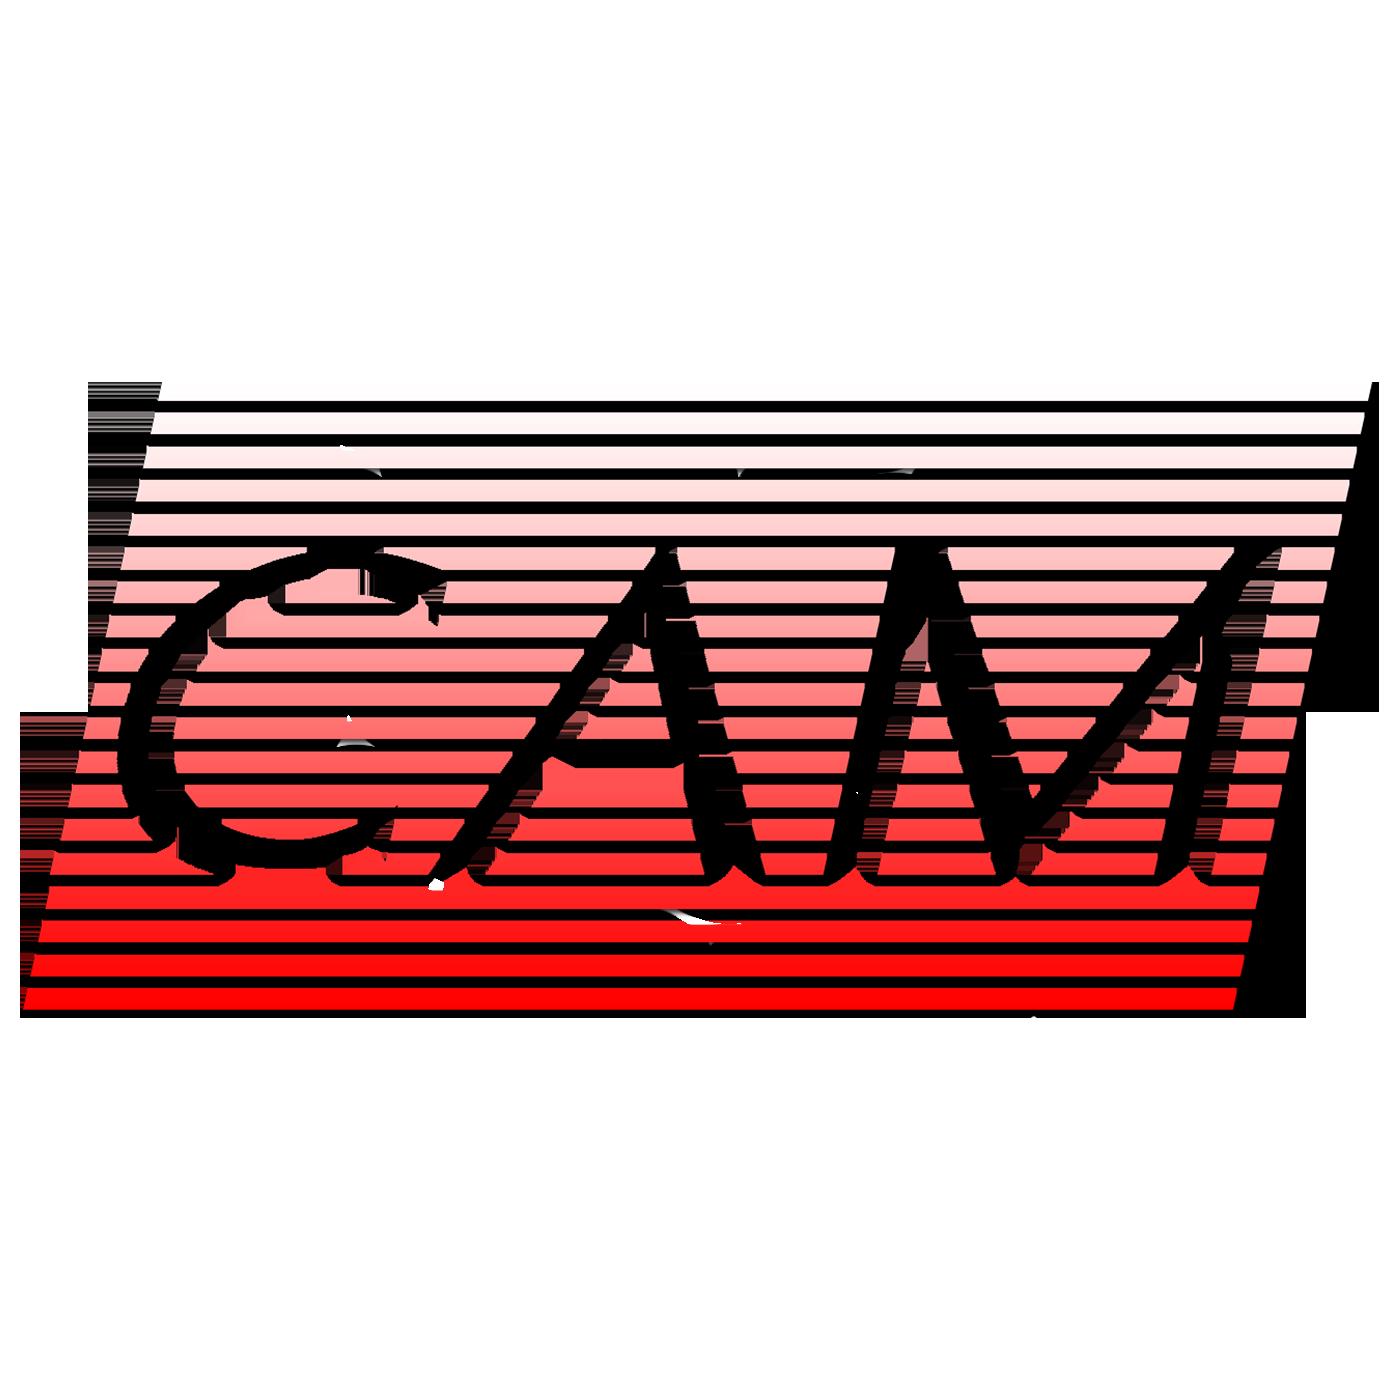 The CAMcast show art